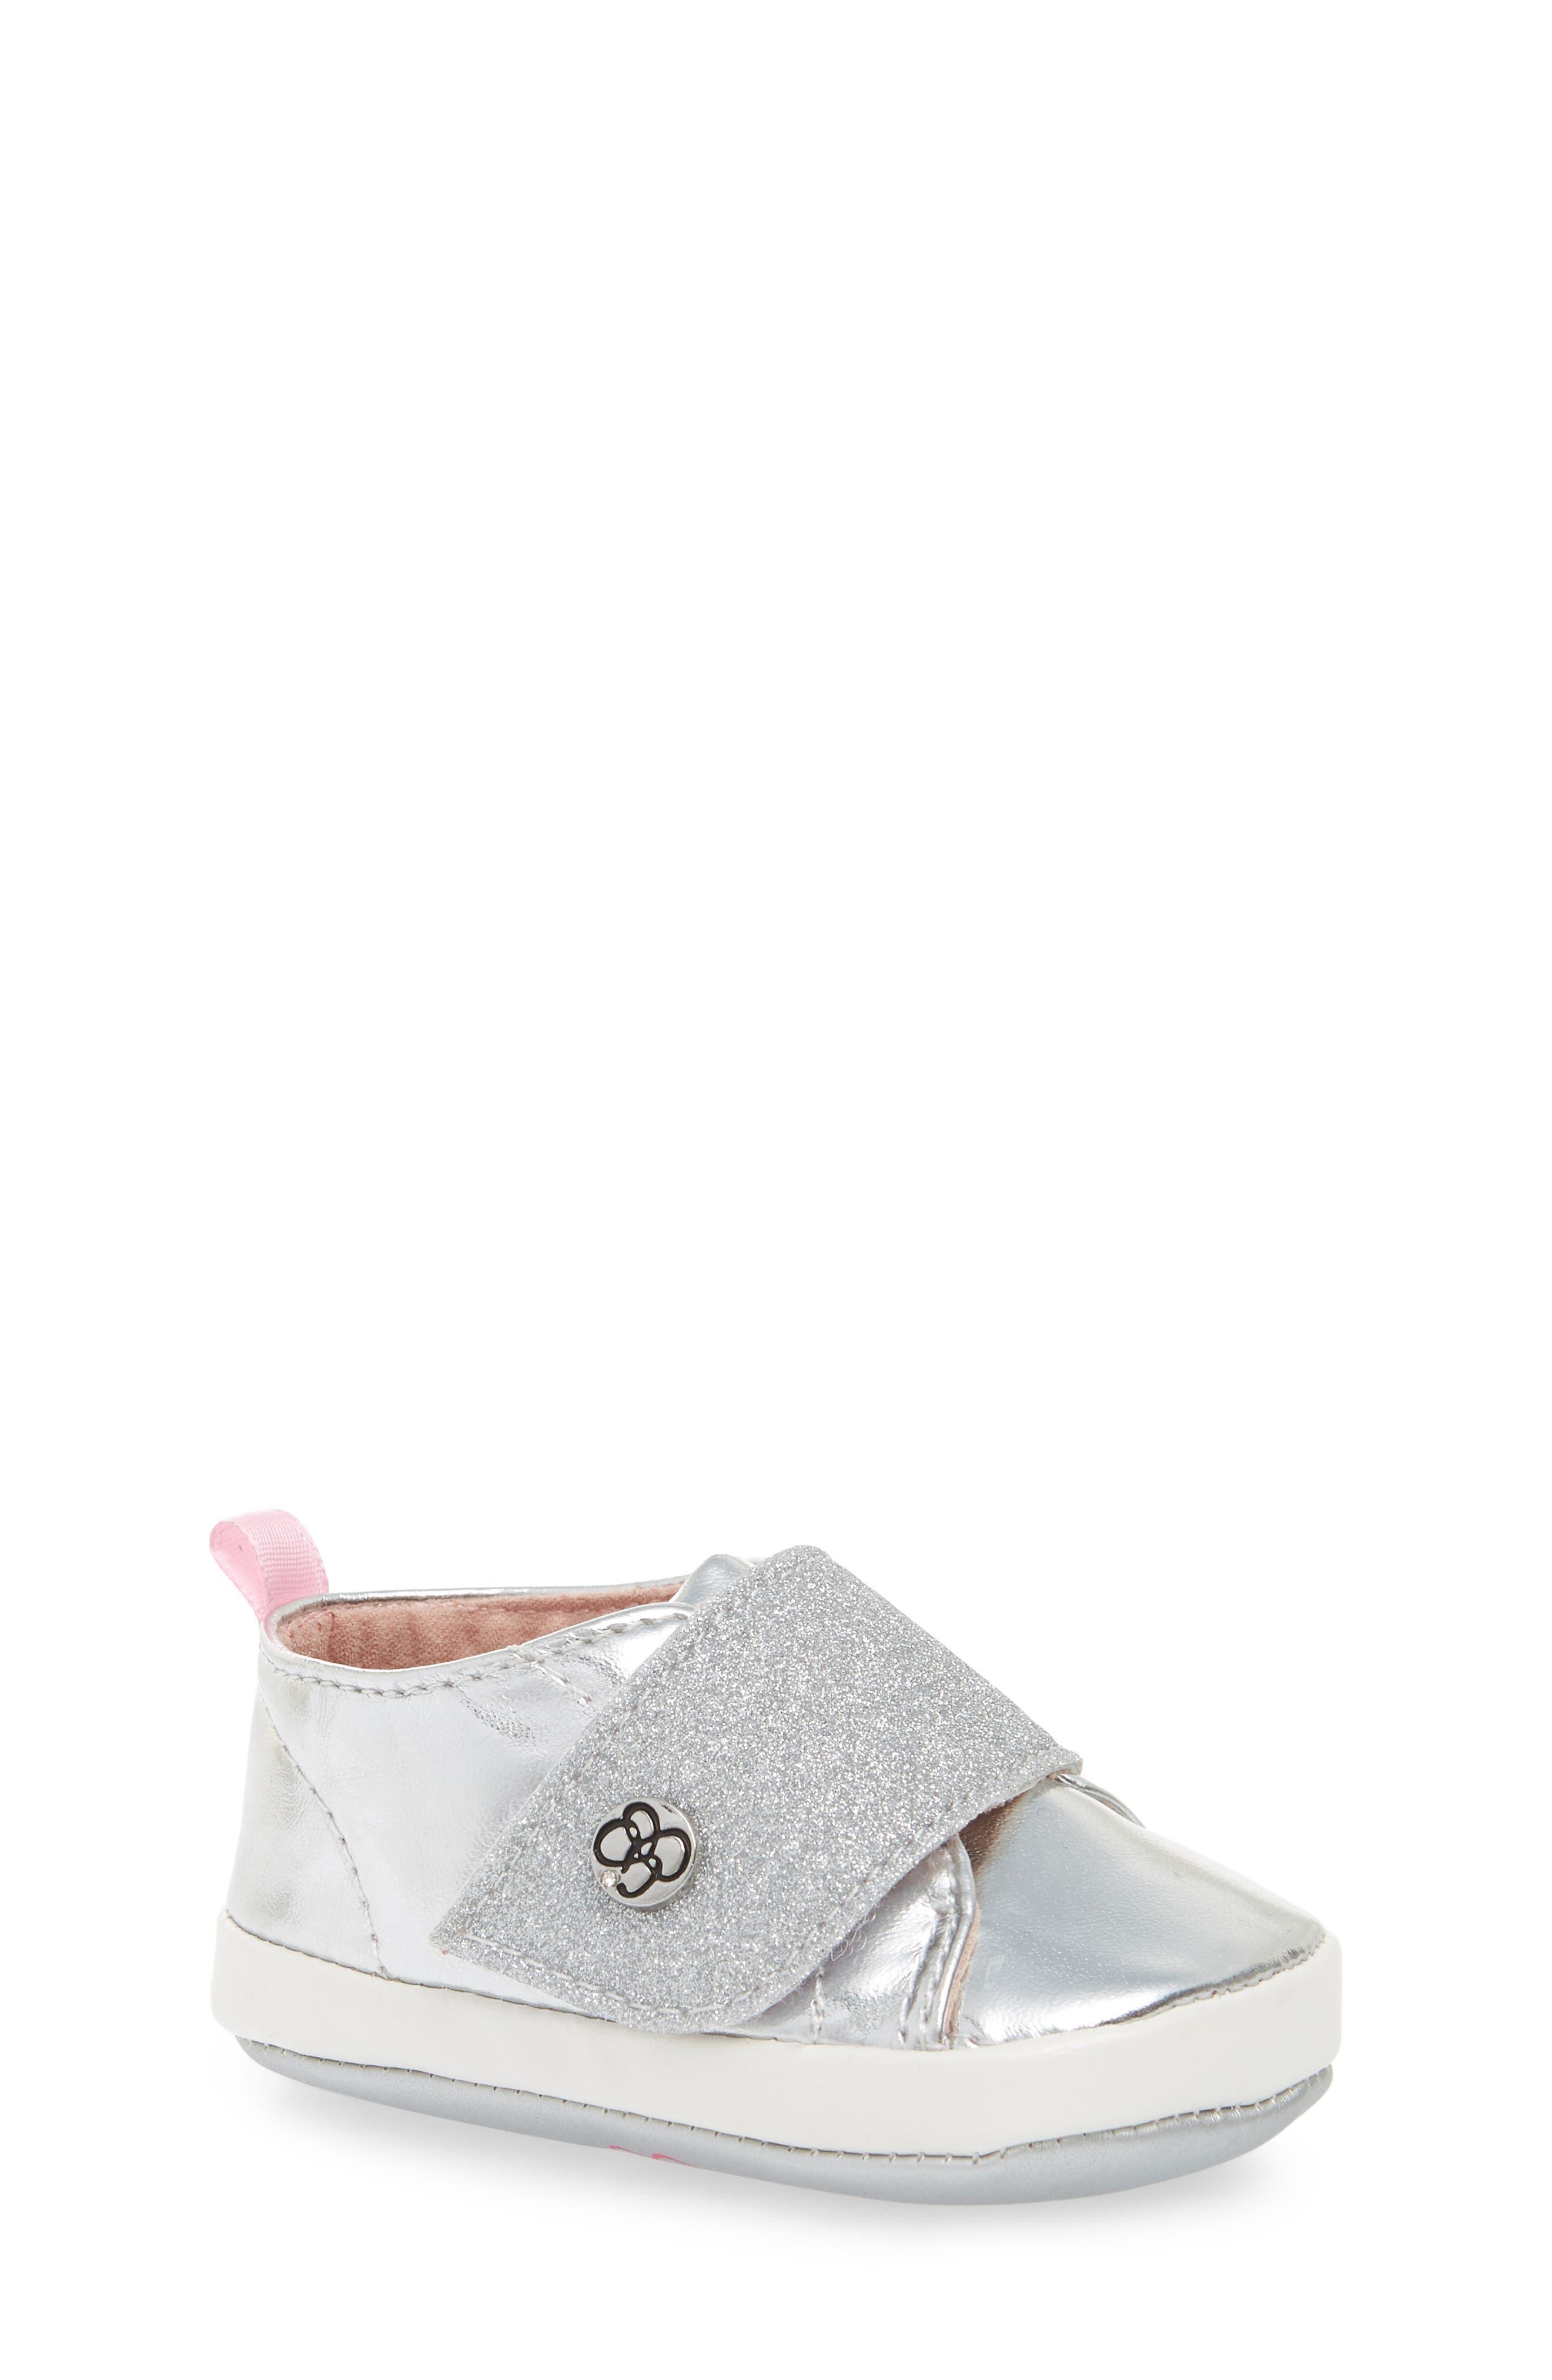 JESSICA SIMPSON Glitter Crib Sneaker, Main, color, 040